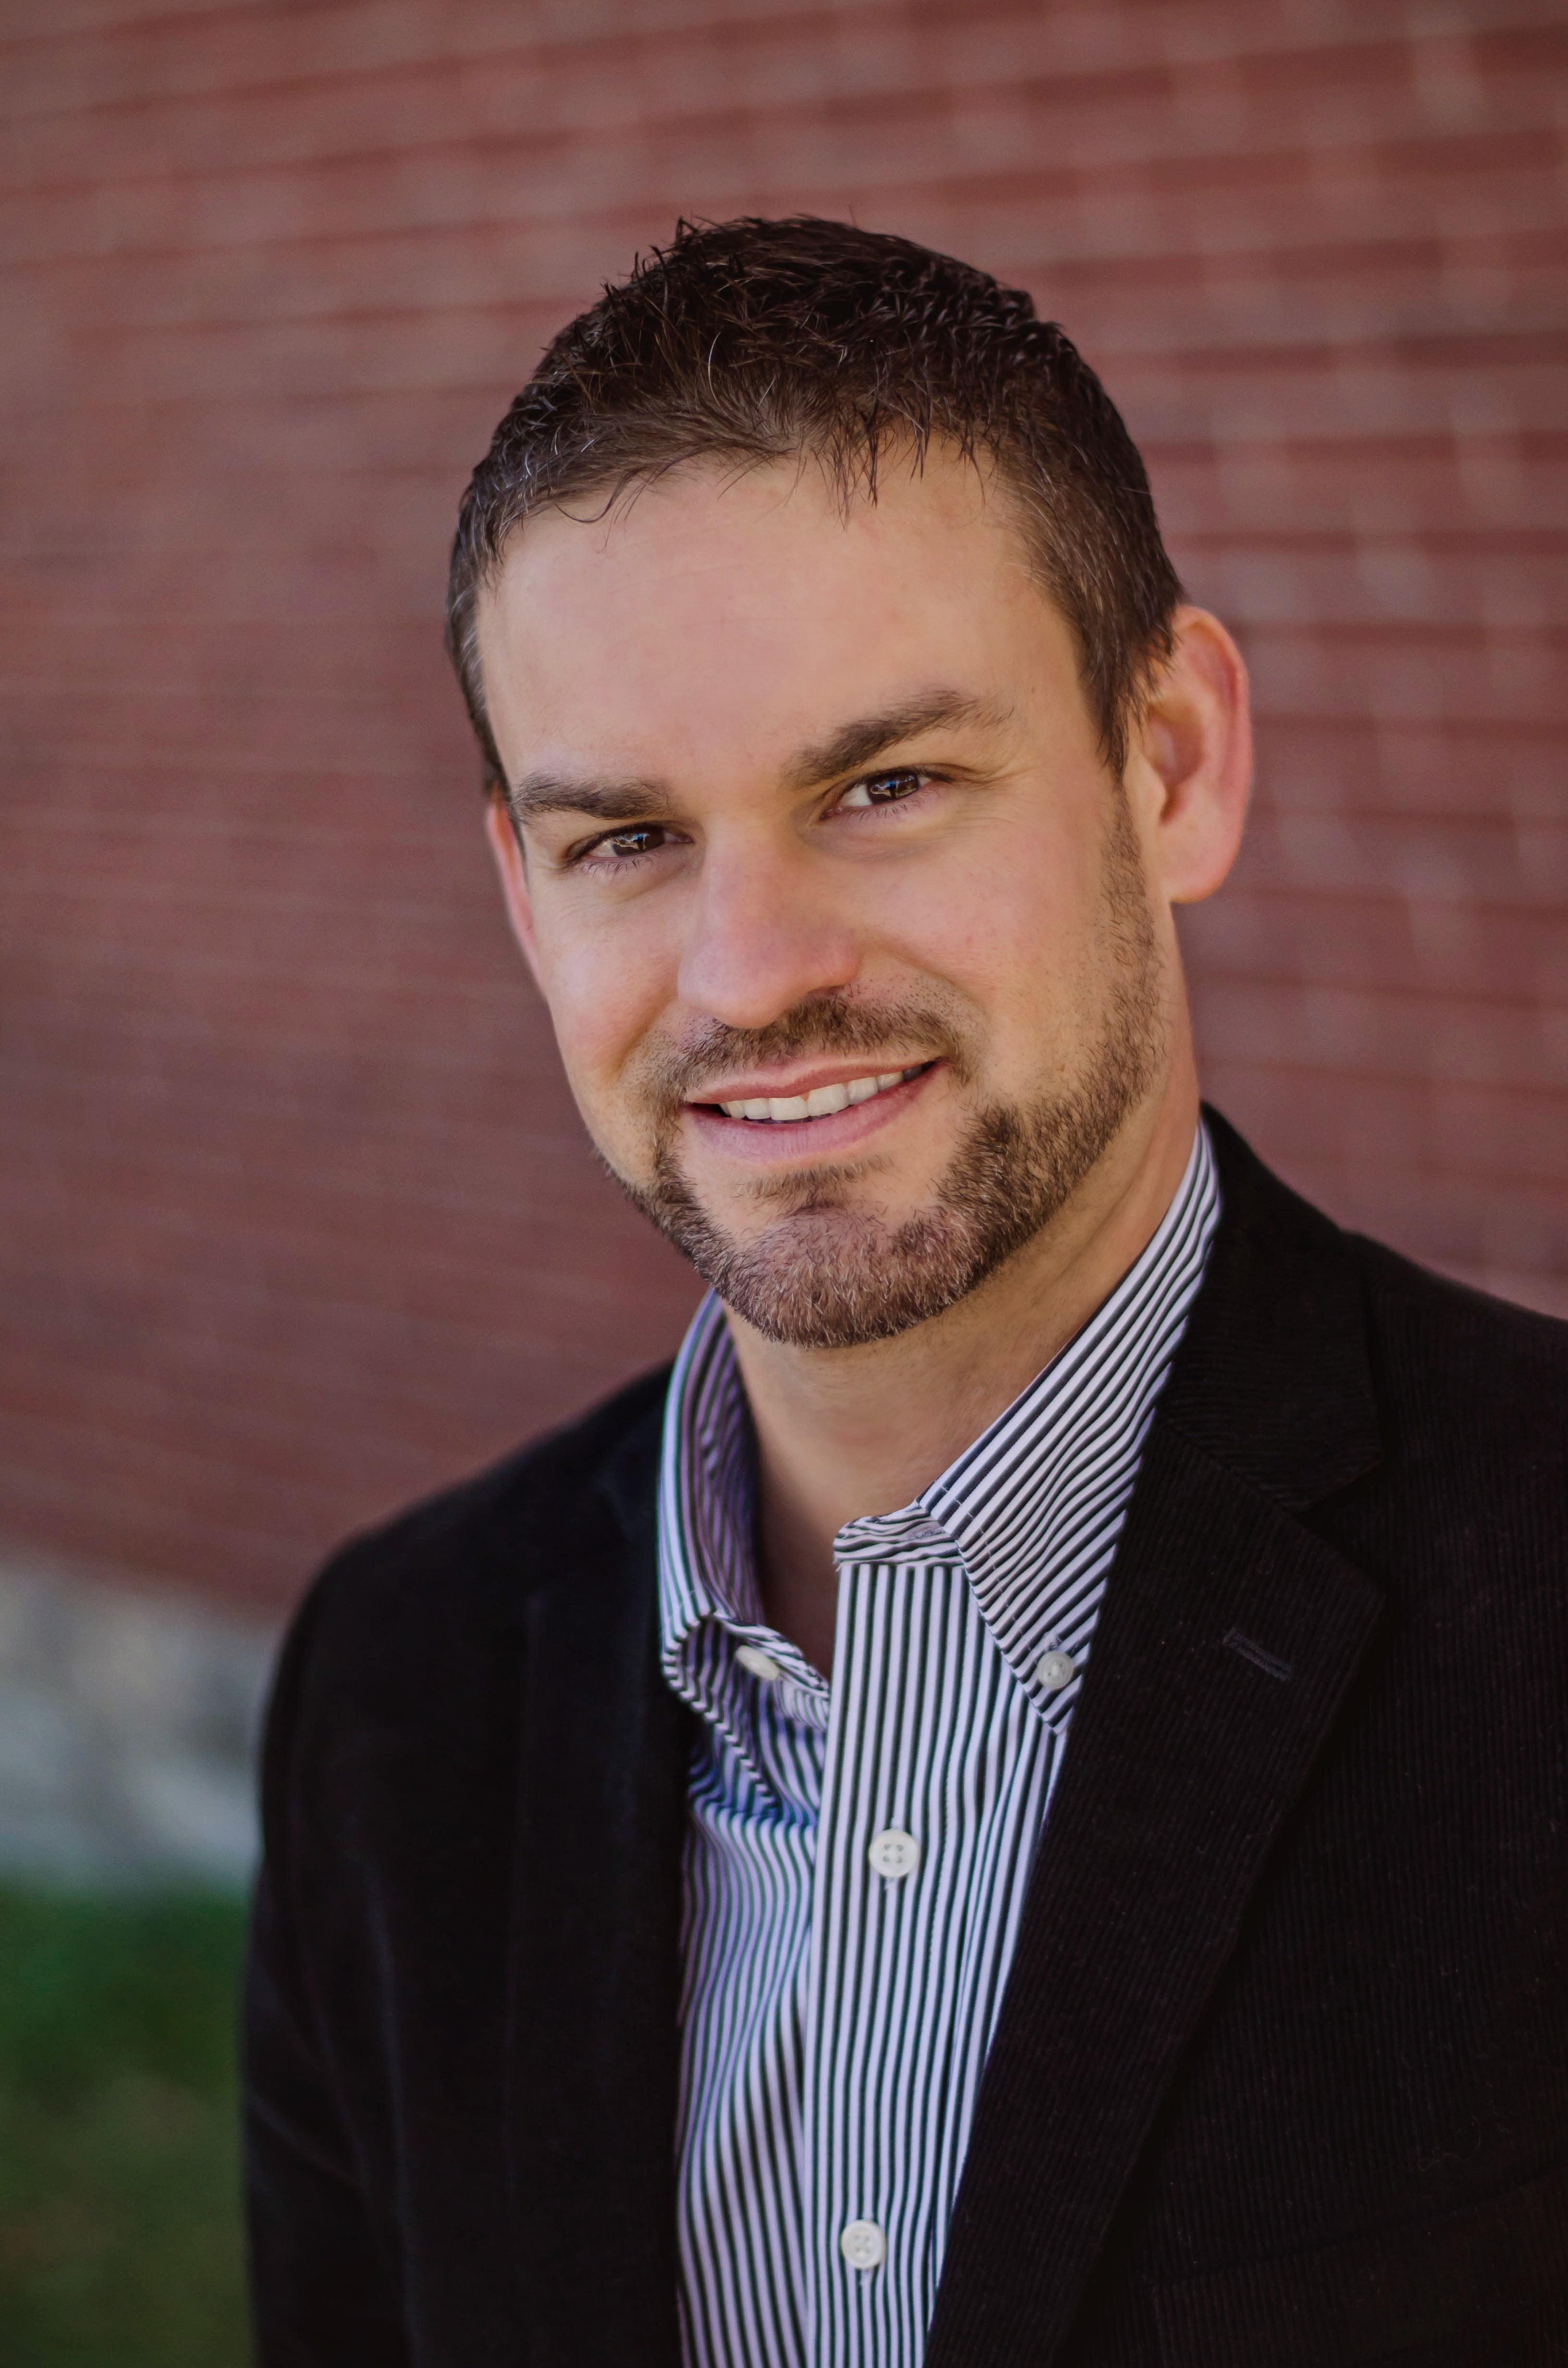 Dr. Matthew Symons